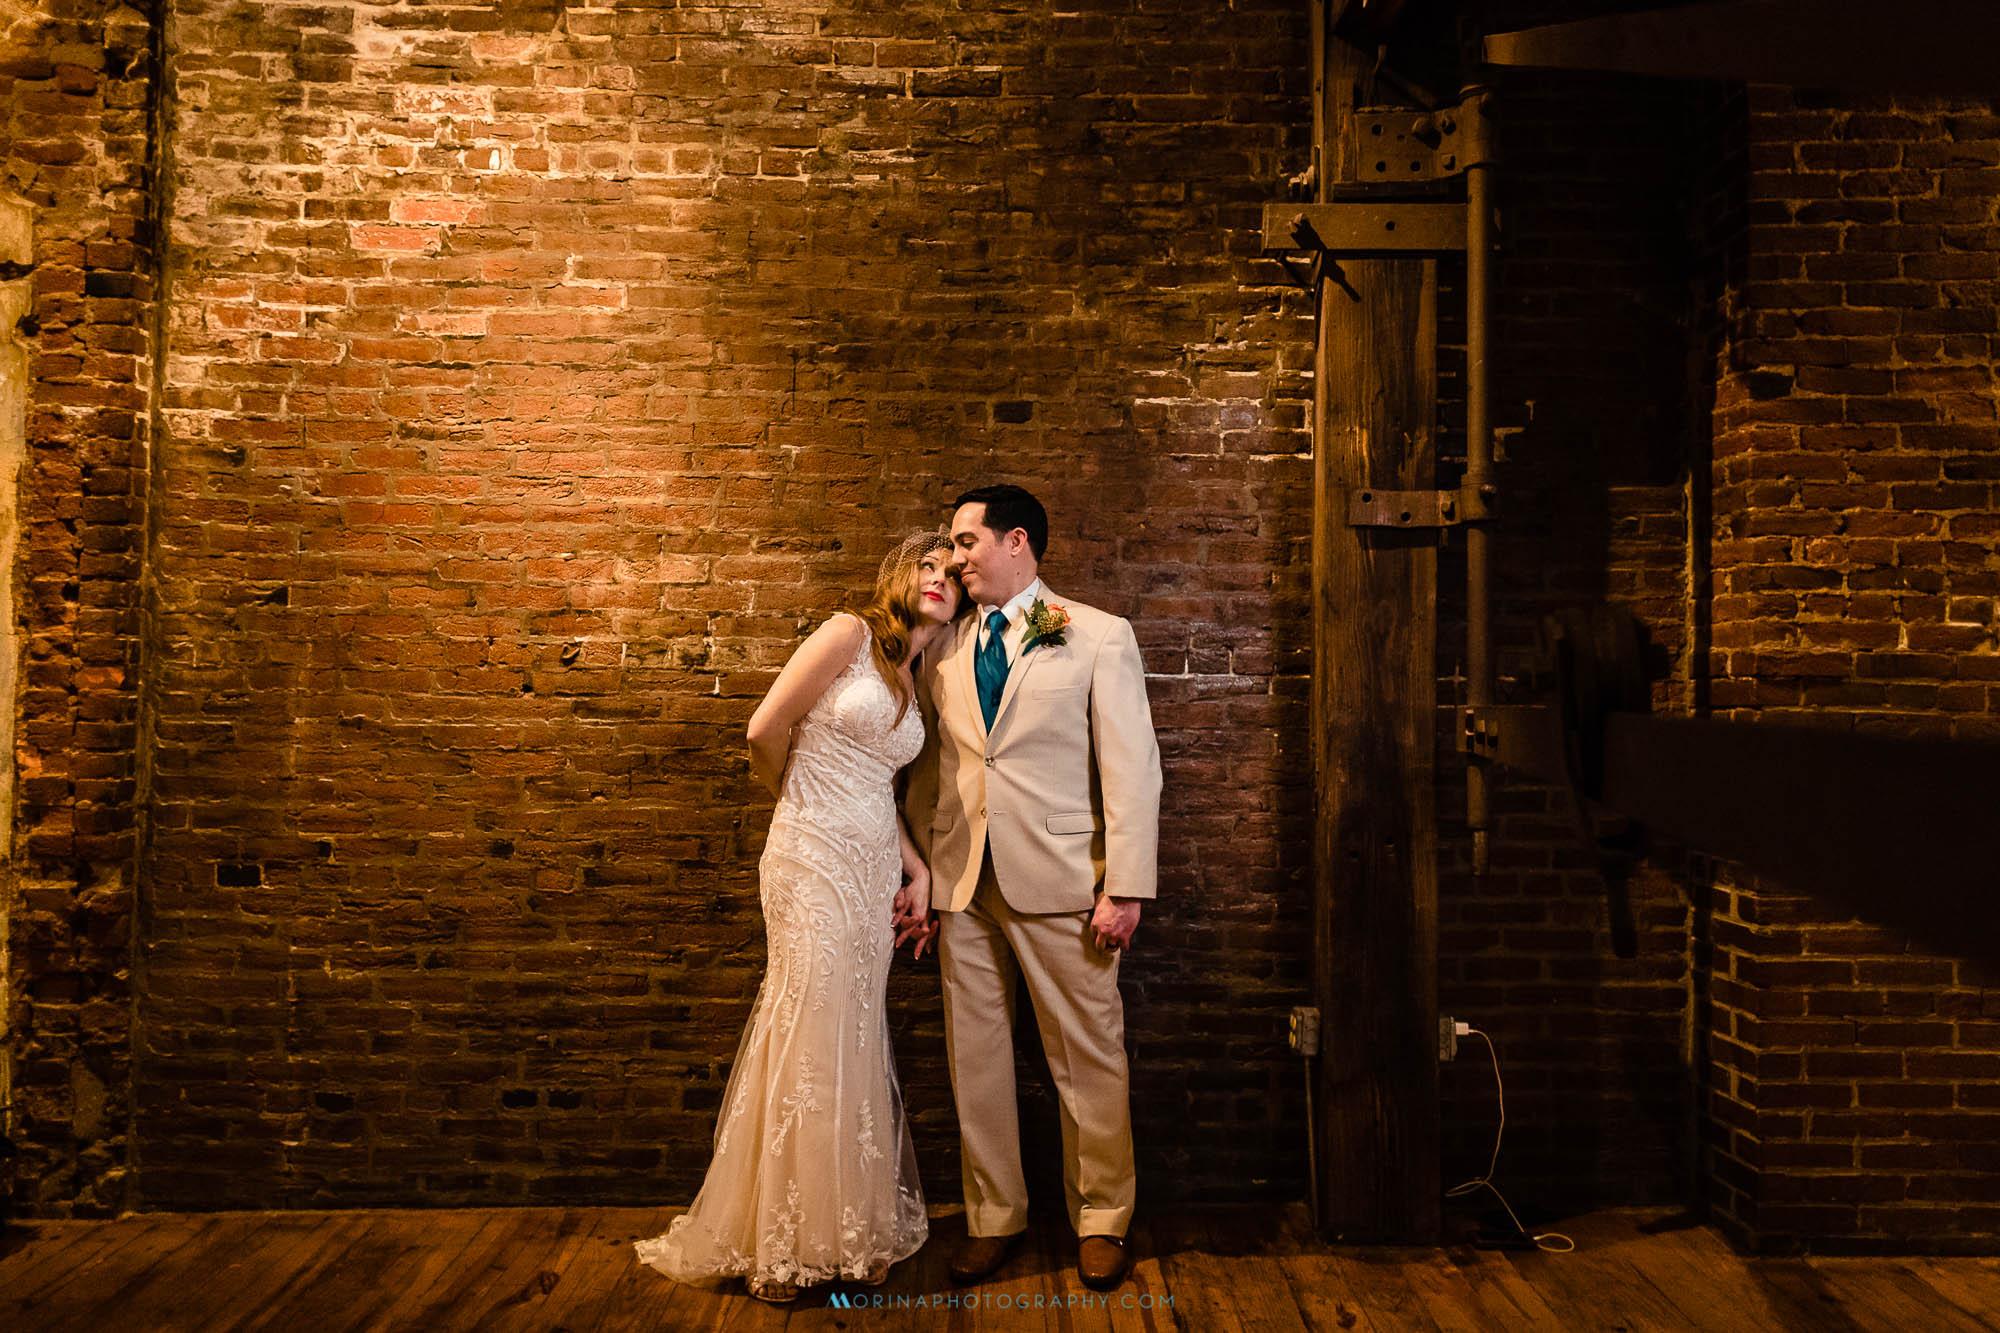 Katrina & Moses wedding at Maas Building 0040.jpg